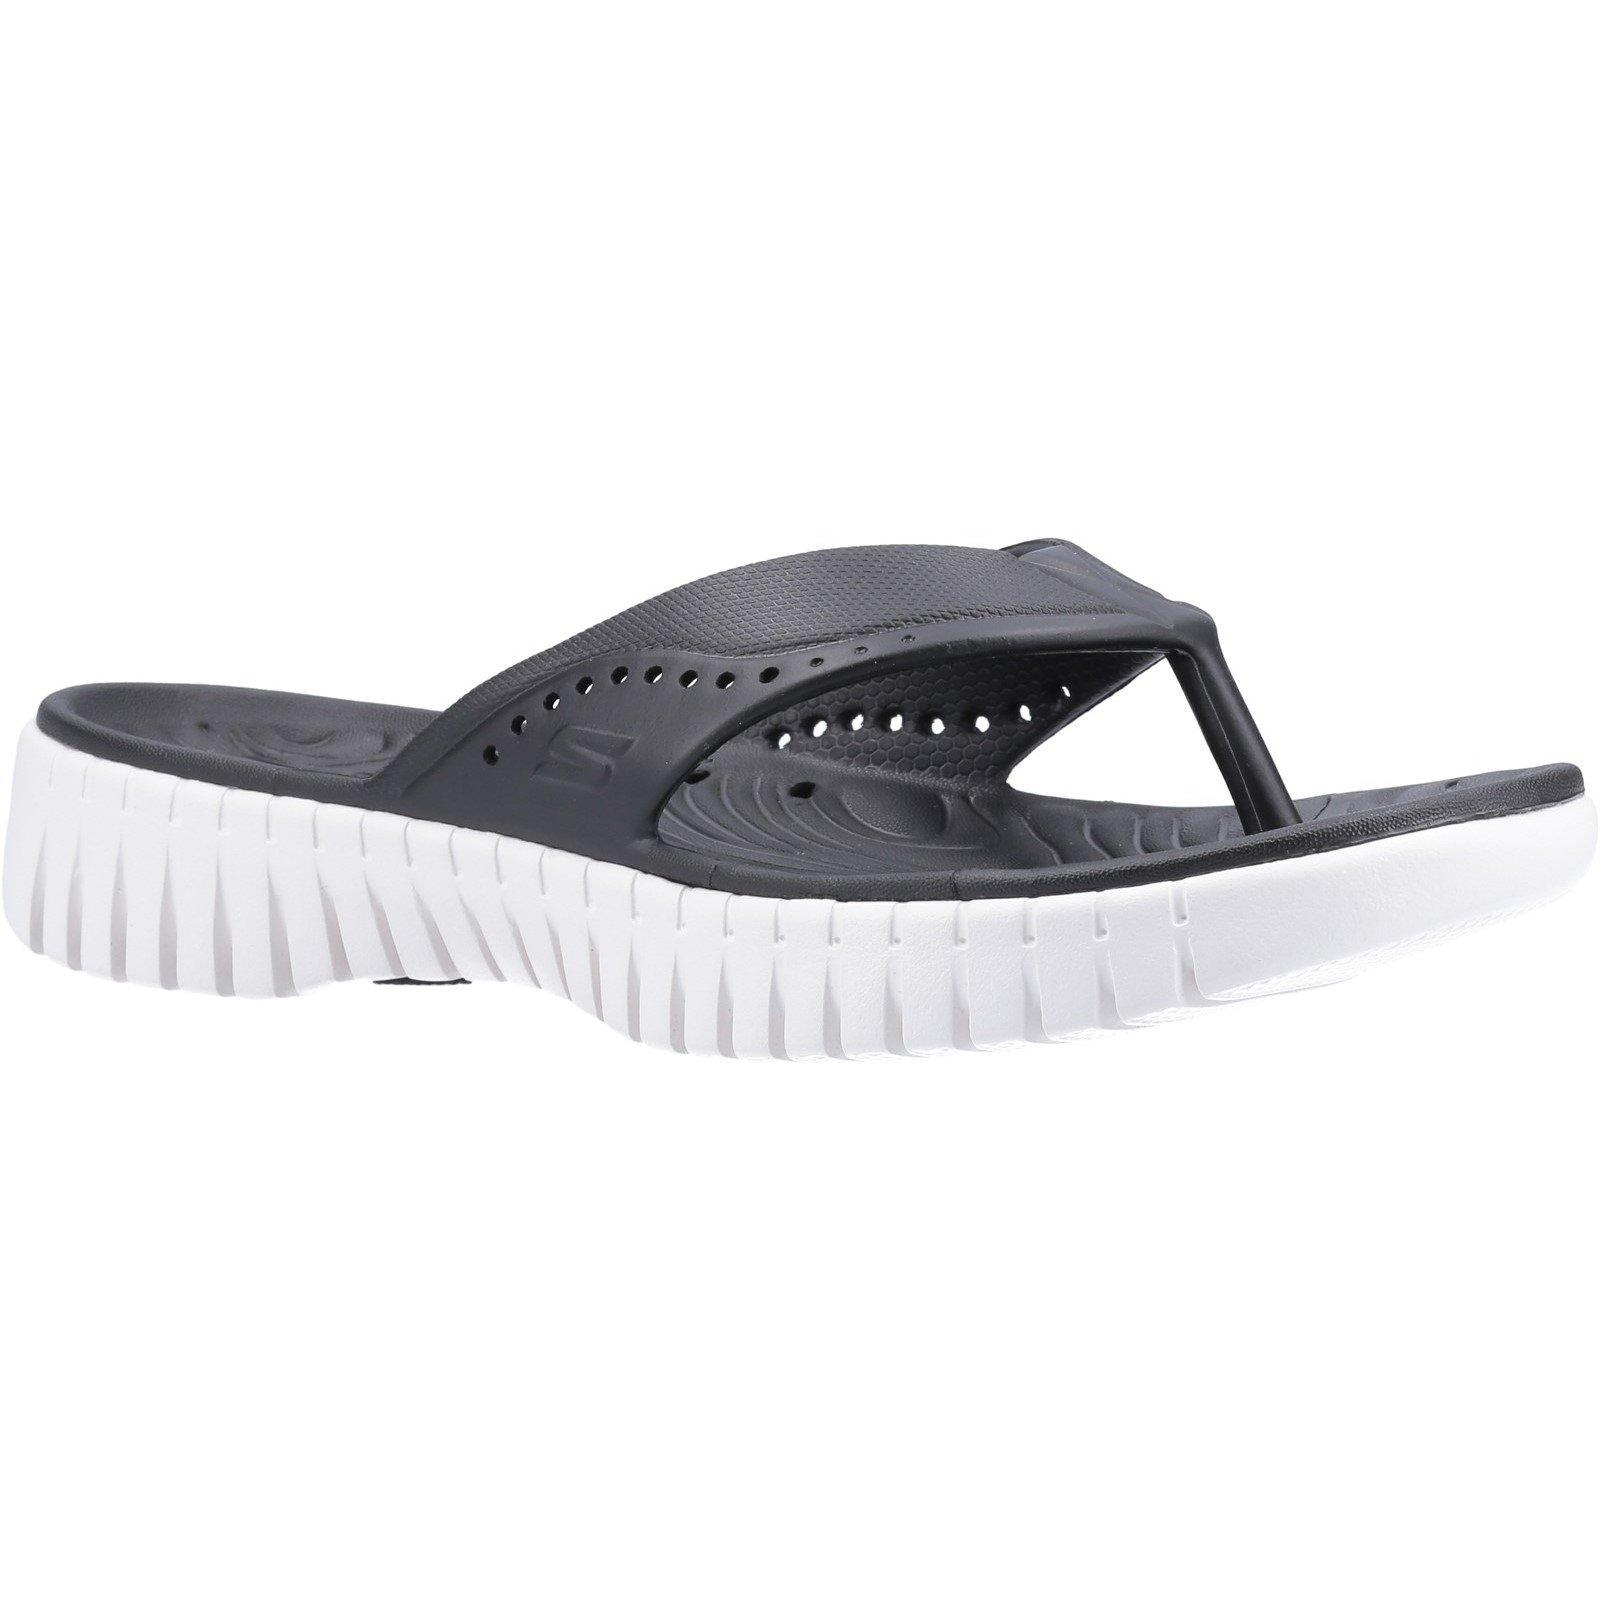 Skechers Women's GOwalk Smart Mahalo Sandal Various Colours 32371 - Black/White 5